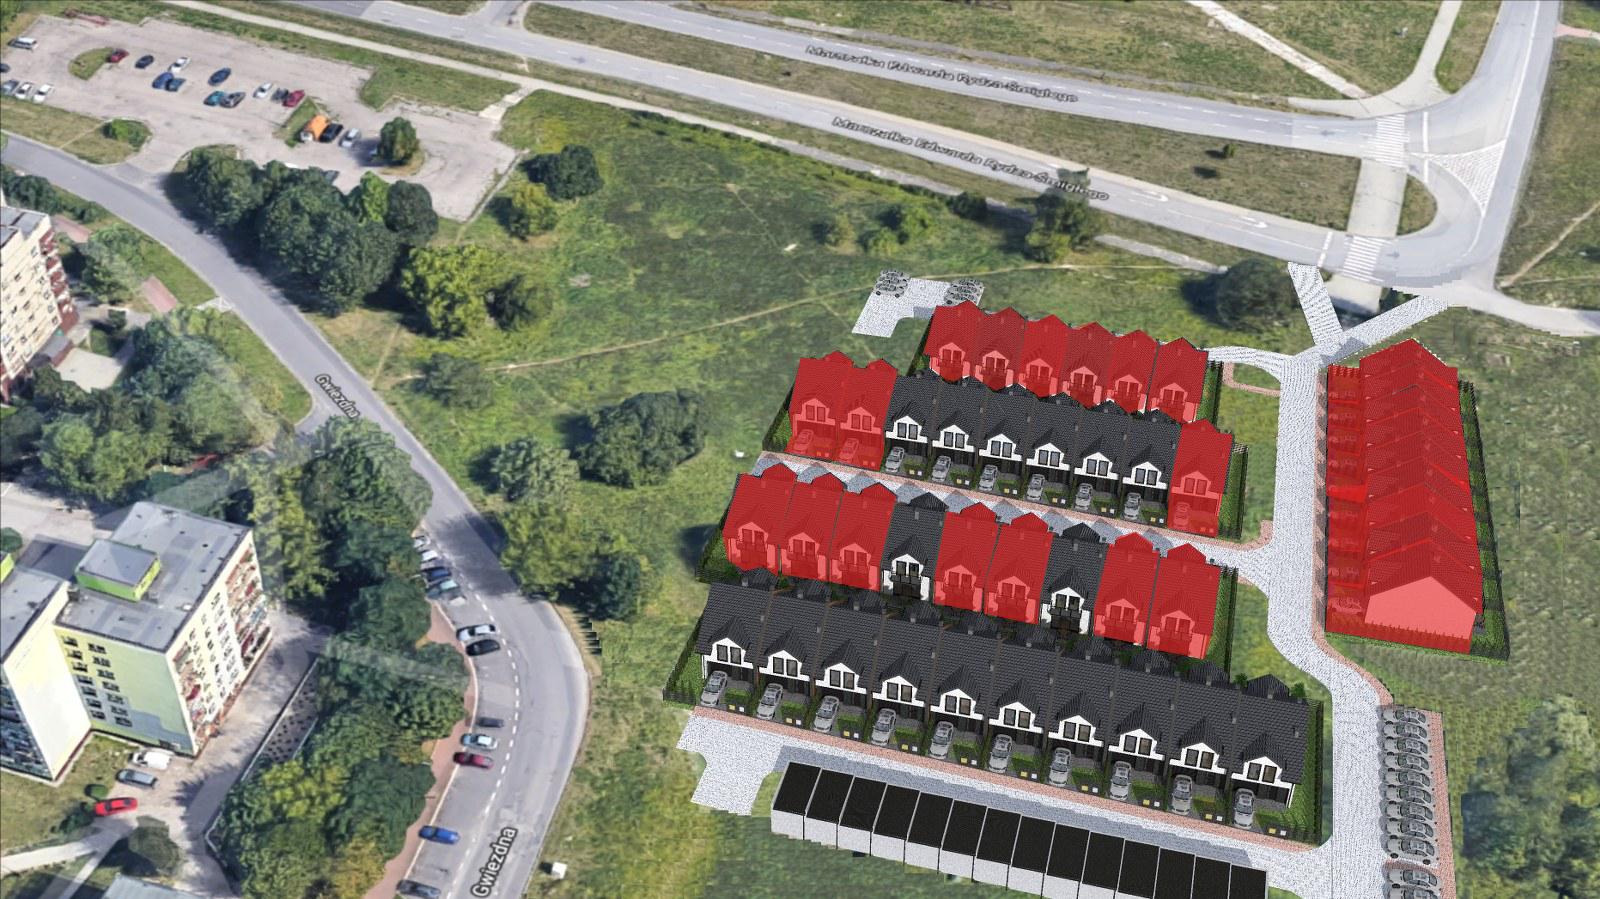 Wybierz dom, w którym chciałbyś zamieszkać